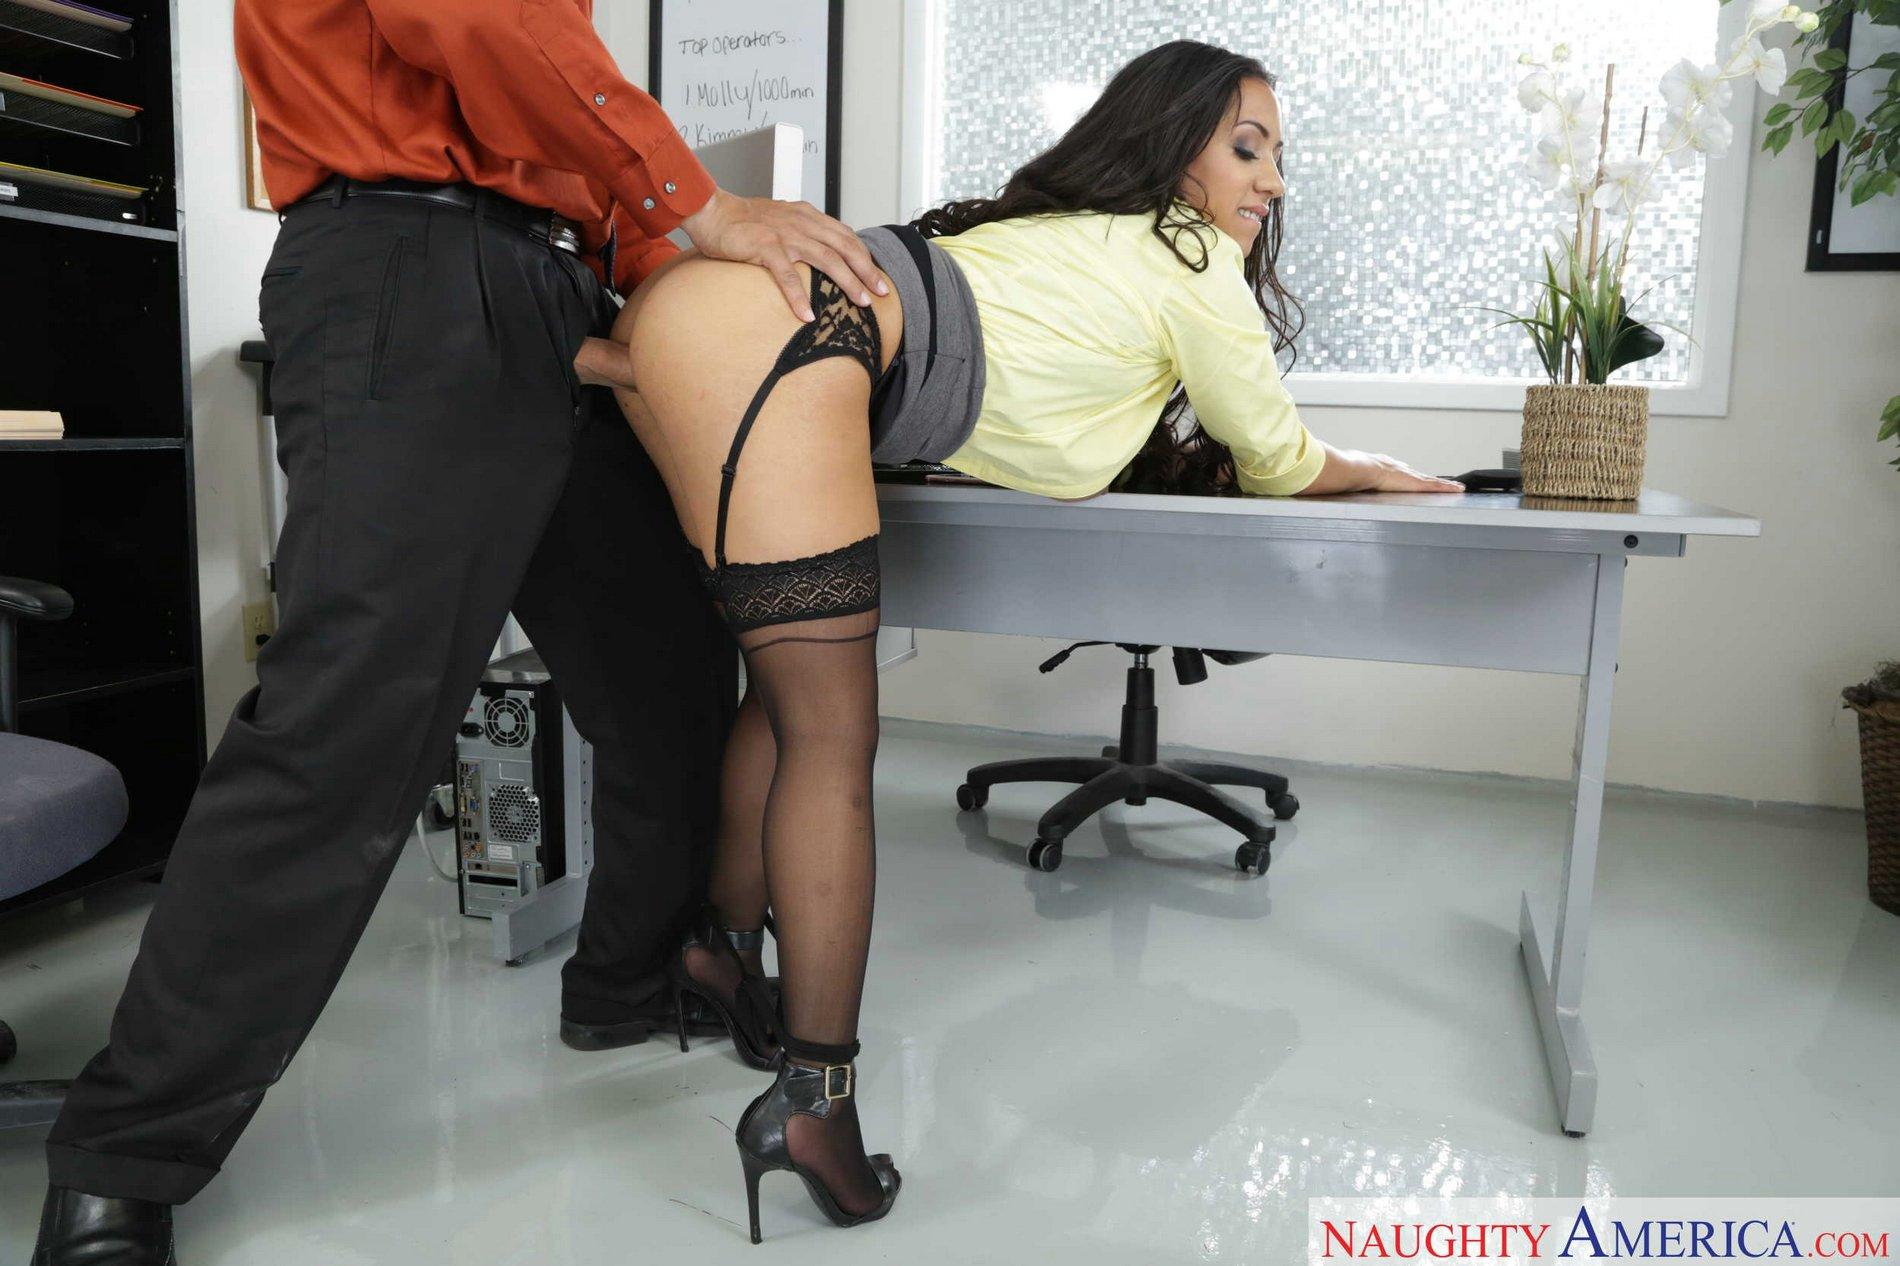 Ххх секретарши на столе, Порно Секретарша -видео. Смотреть порно онлайн! 1 фотография